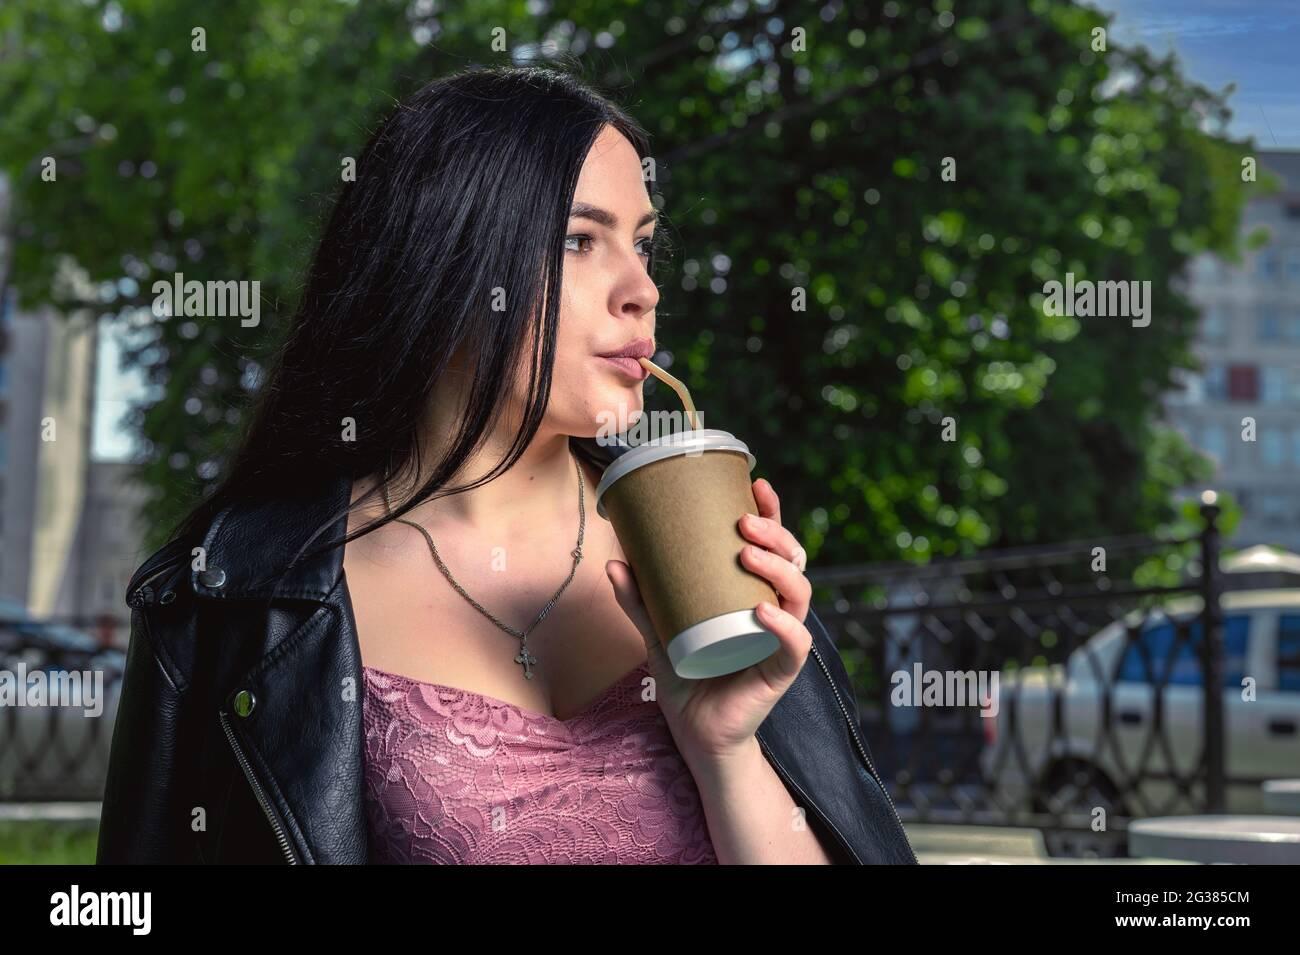 Mujer joven tomando café en la calle. Mujer en la calle de la ciudad bebiendo una bebida caliente. Imagen de una mujer joven atractiva que bebe café en la t Foto de stock